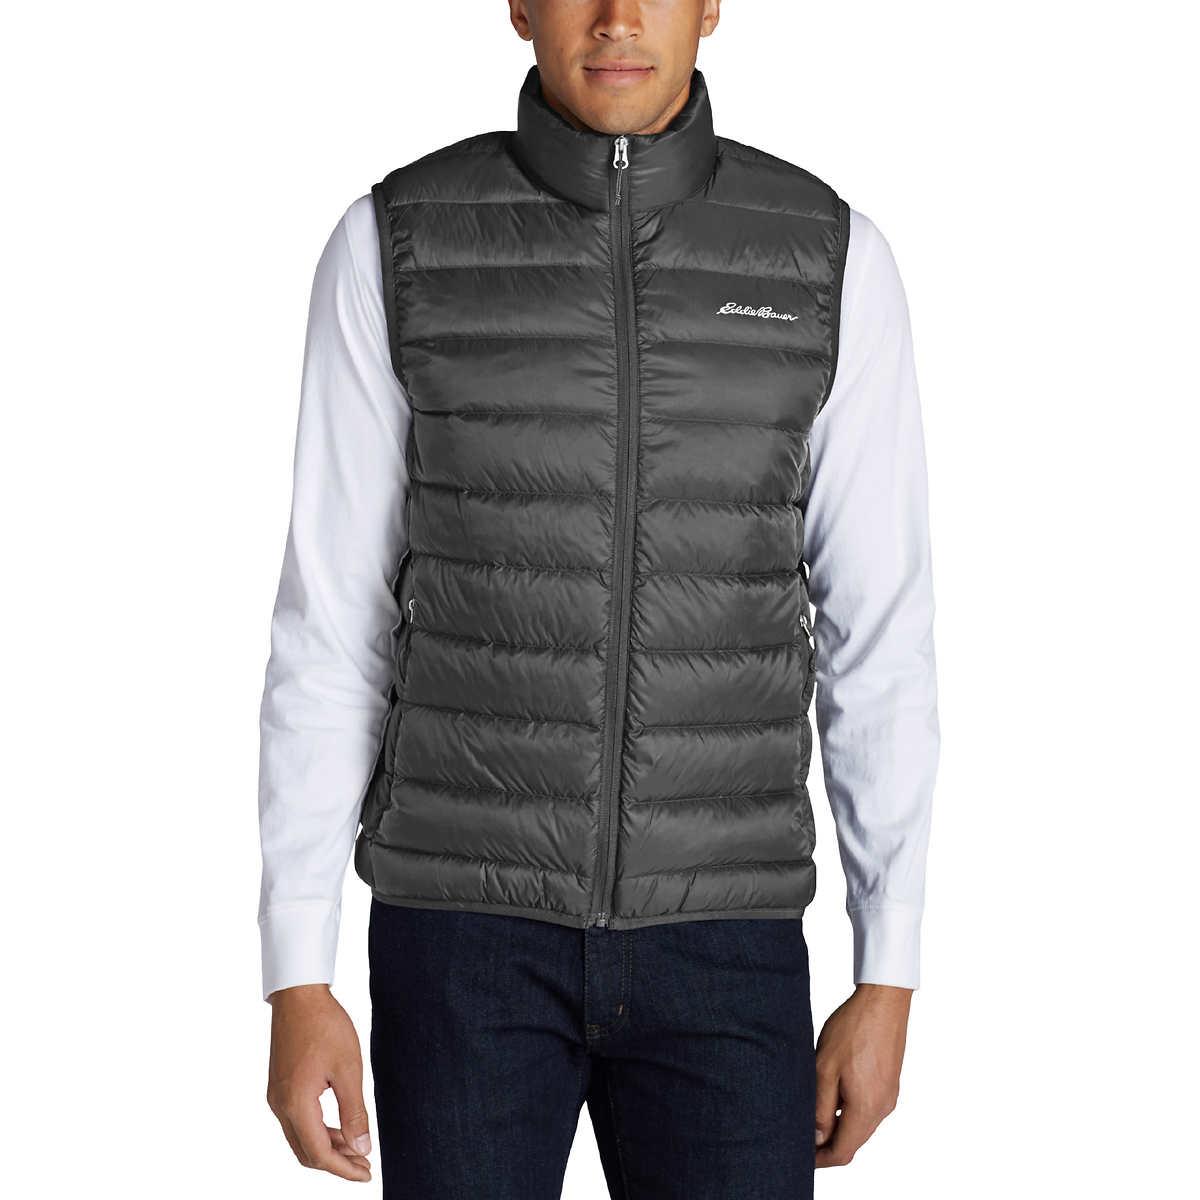 87f9c3a6534 Eddie Bauer Men's CirrusLite Down Vest